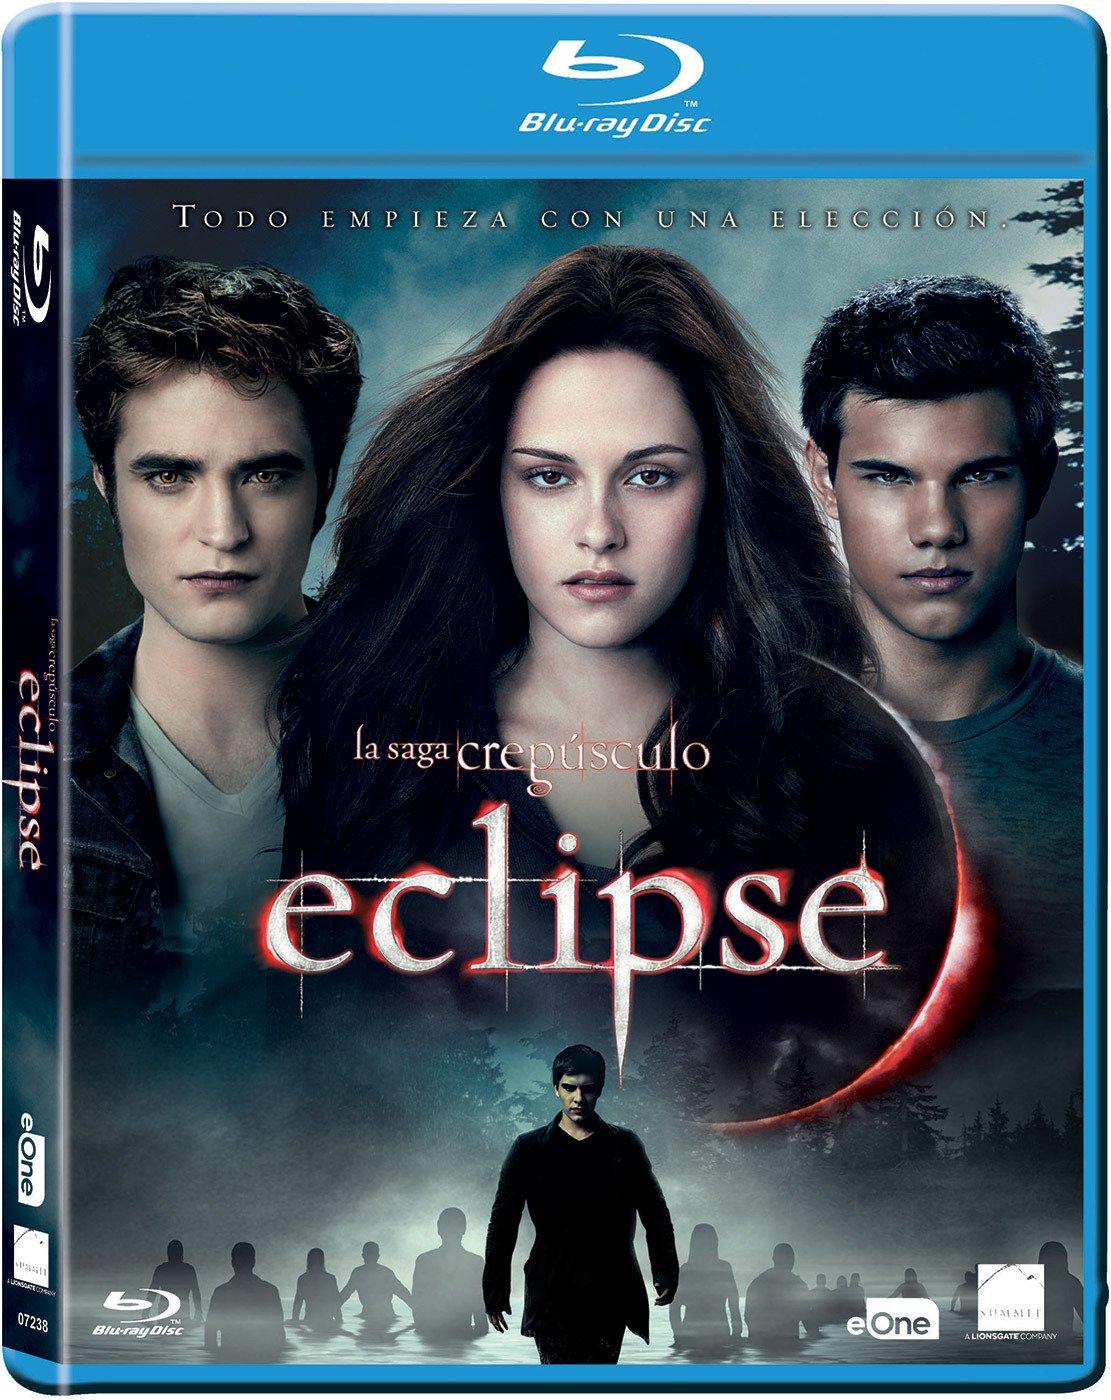 Crepusculo: Eclipse Blu-Ray [Blu-ray]: Amazon.es: Kristen Stewart ...